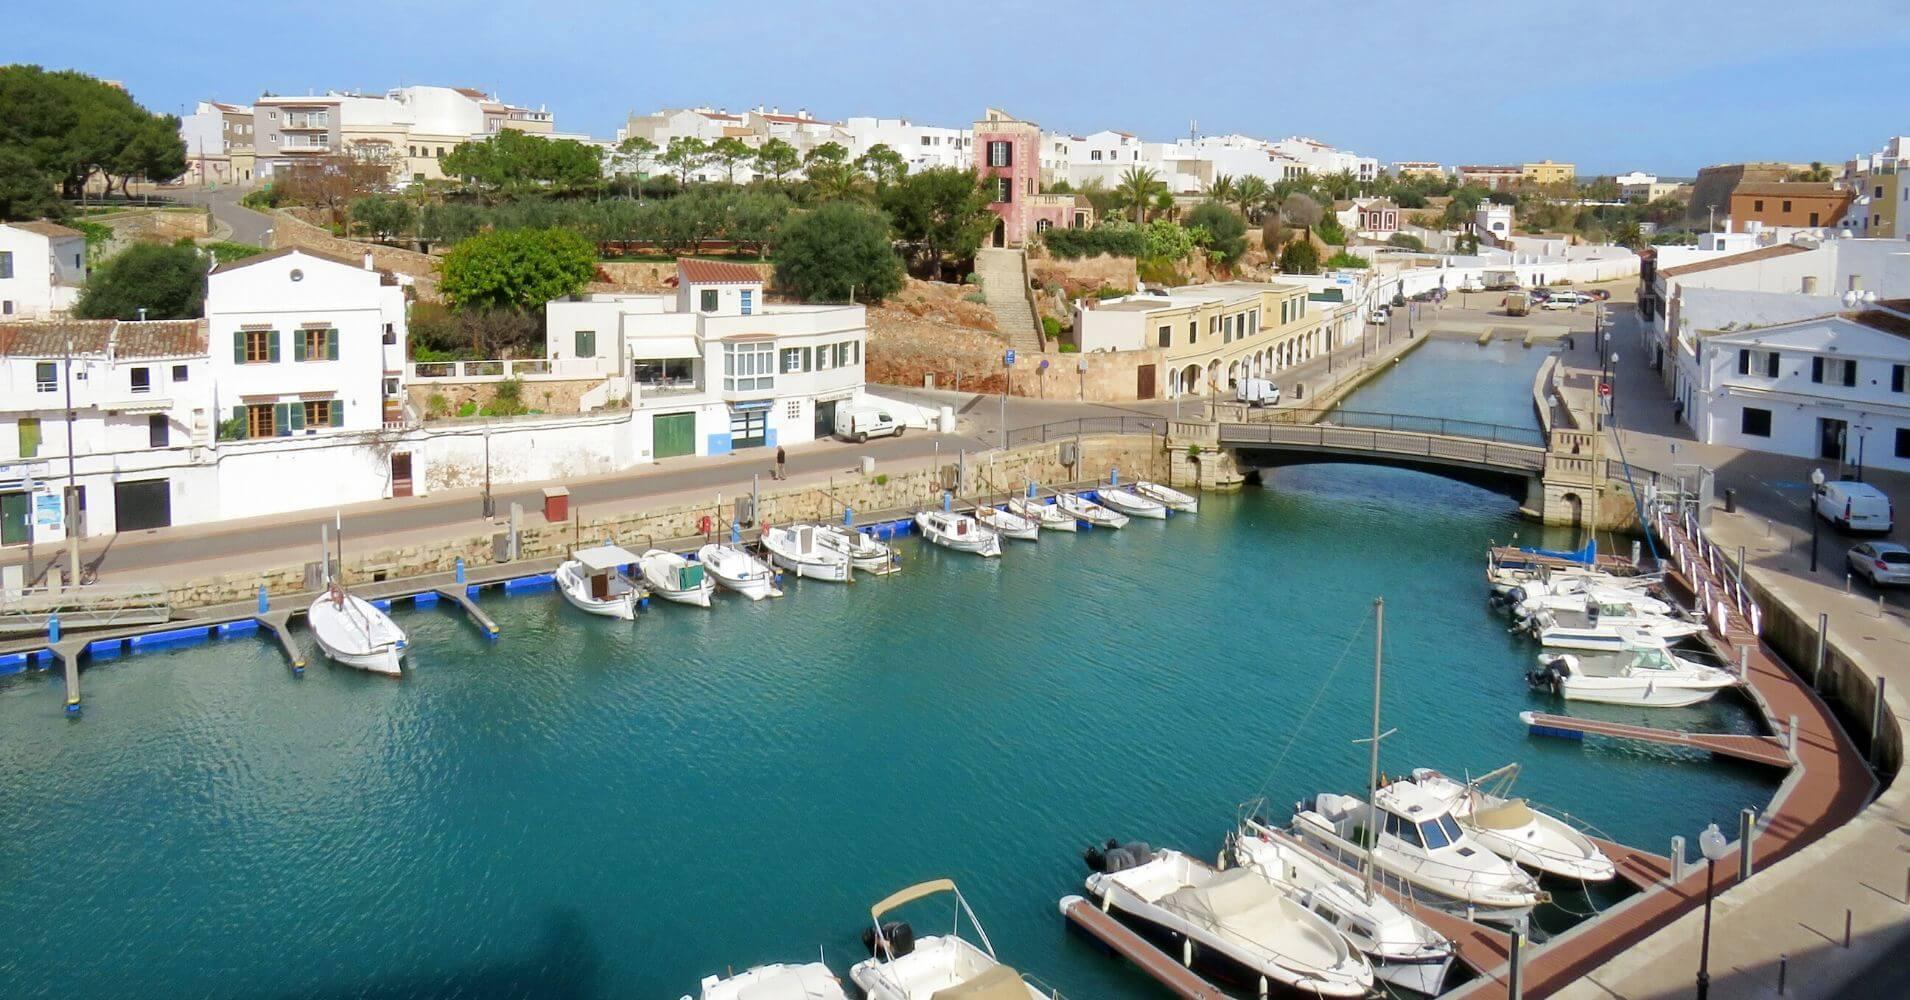 Siete días en Menorca. Puerto de Ciudadela. Menorca.